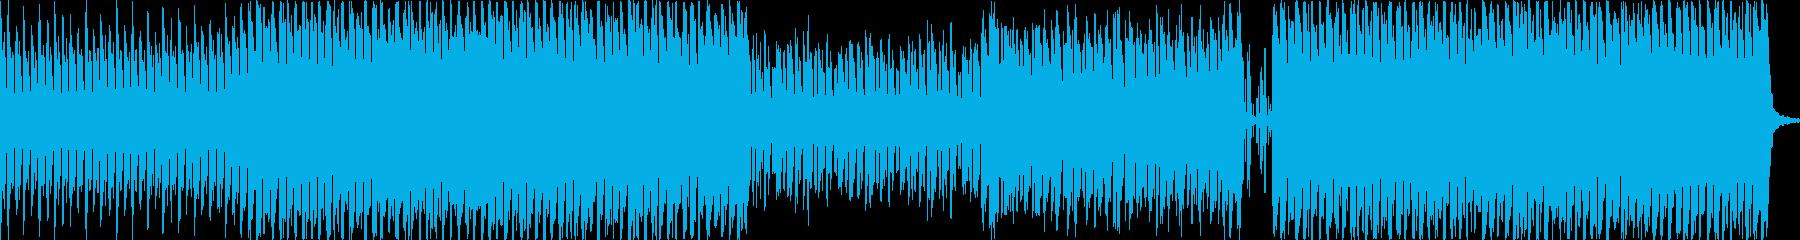 アラビアンなフレーズが印象的なBGMの再生済みの波形